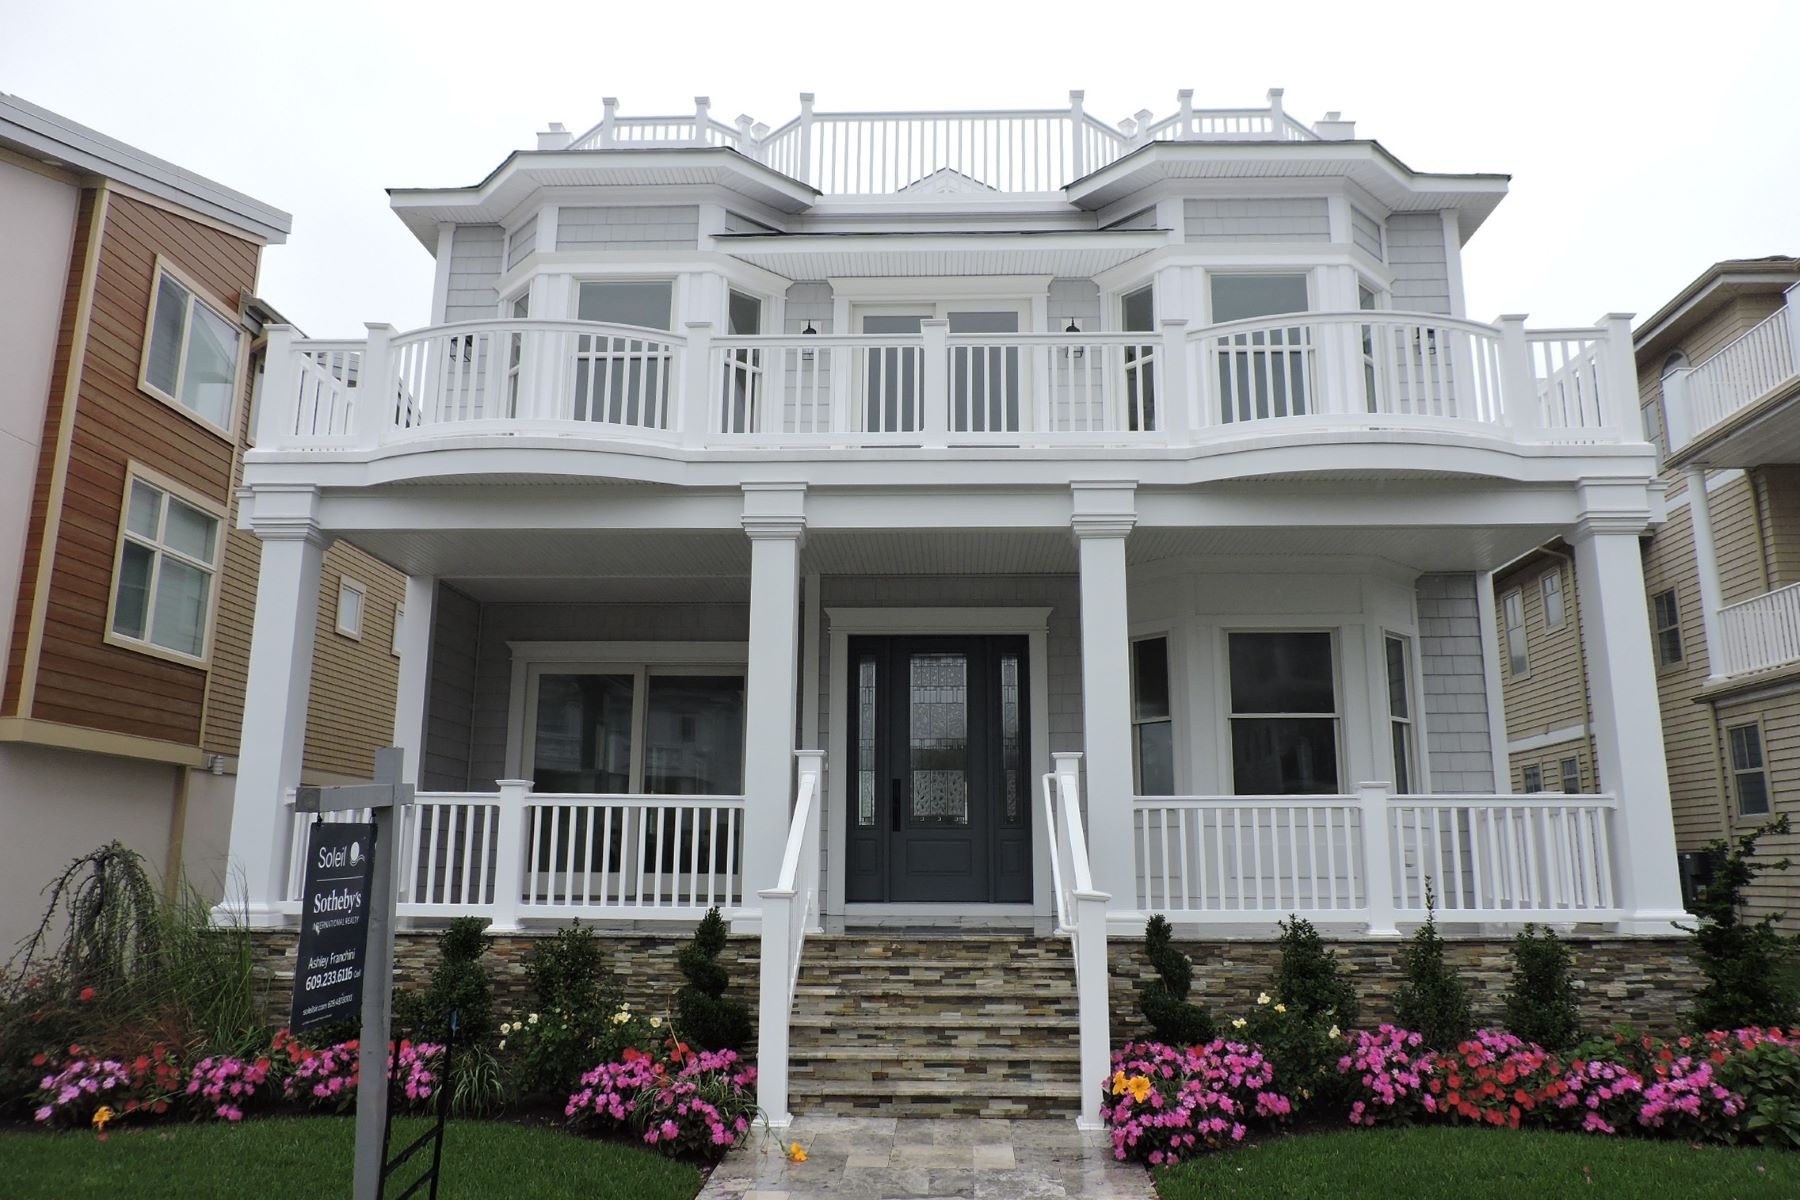 Casa Unifamiliar por un Venta en 102 S Dudley Ave Ventnor, Nueva Jersey, 08406 Estados Unidos